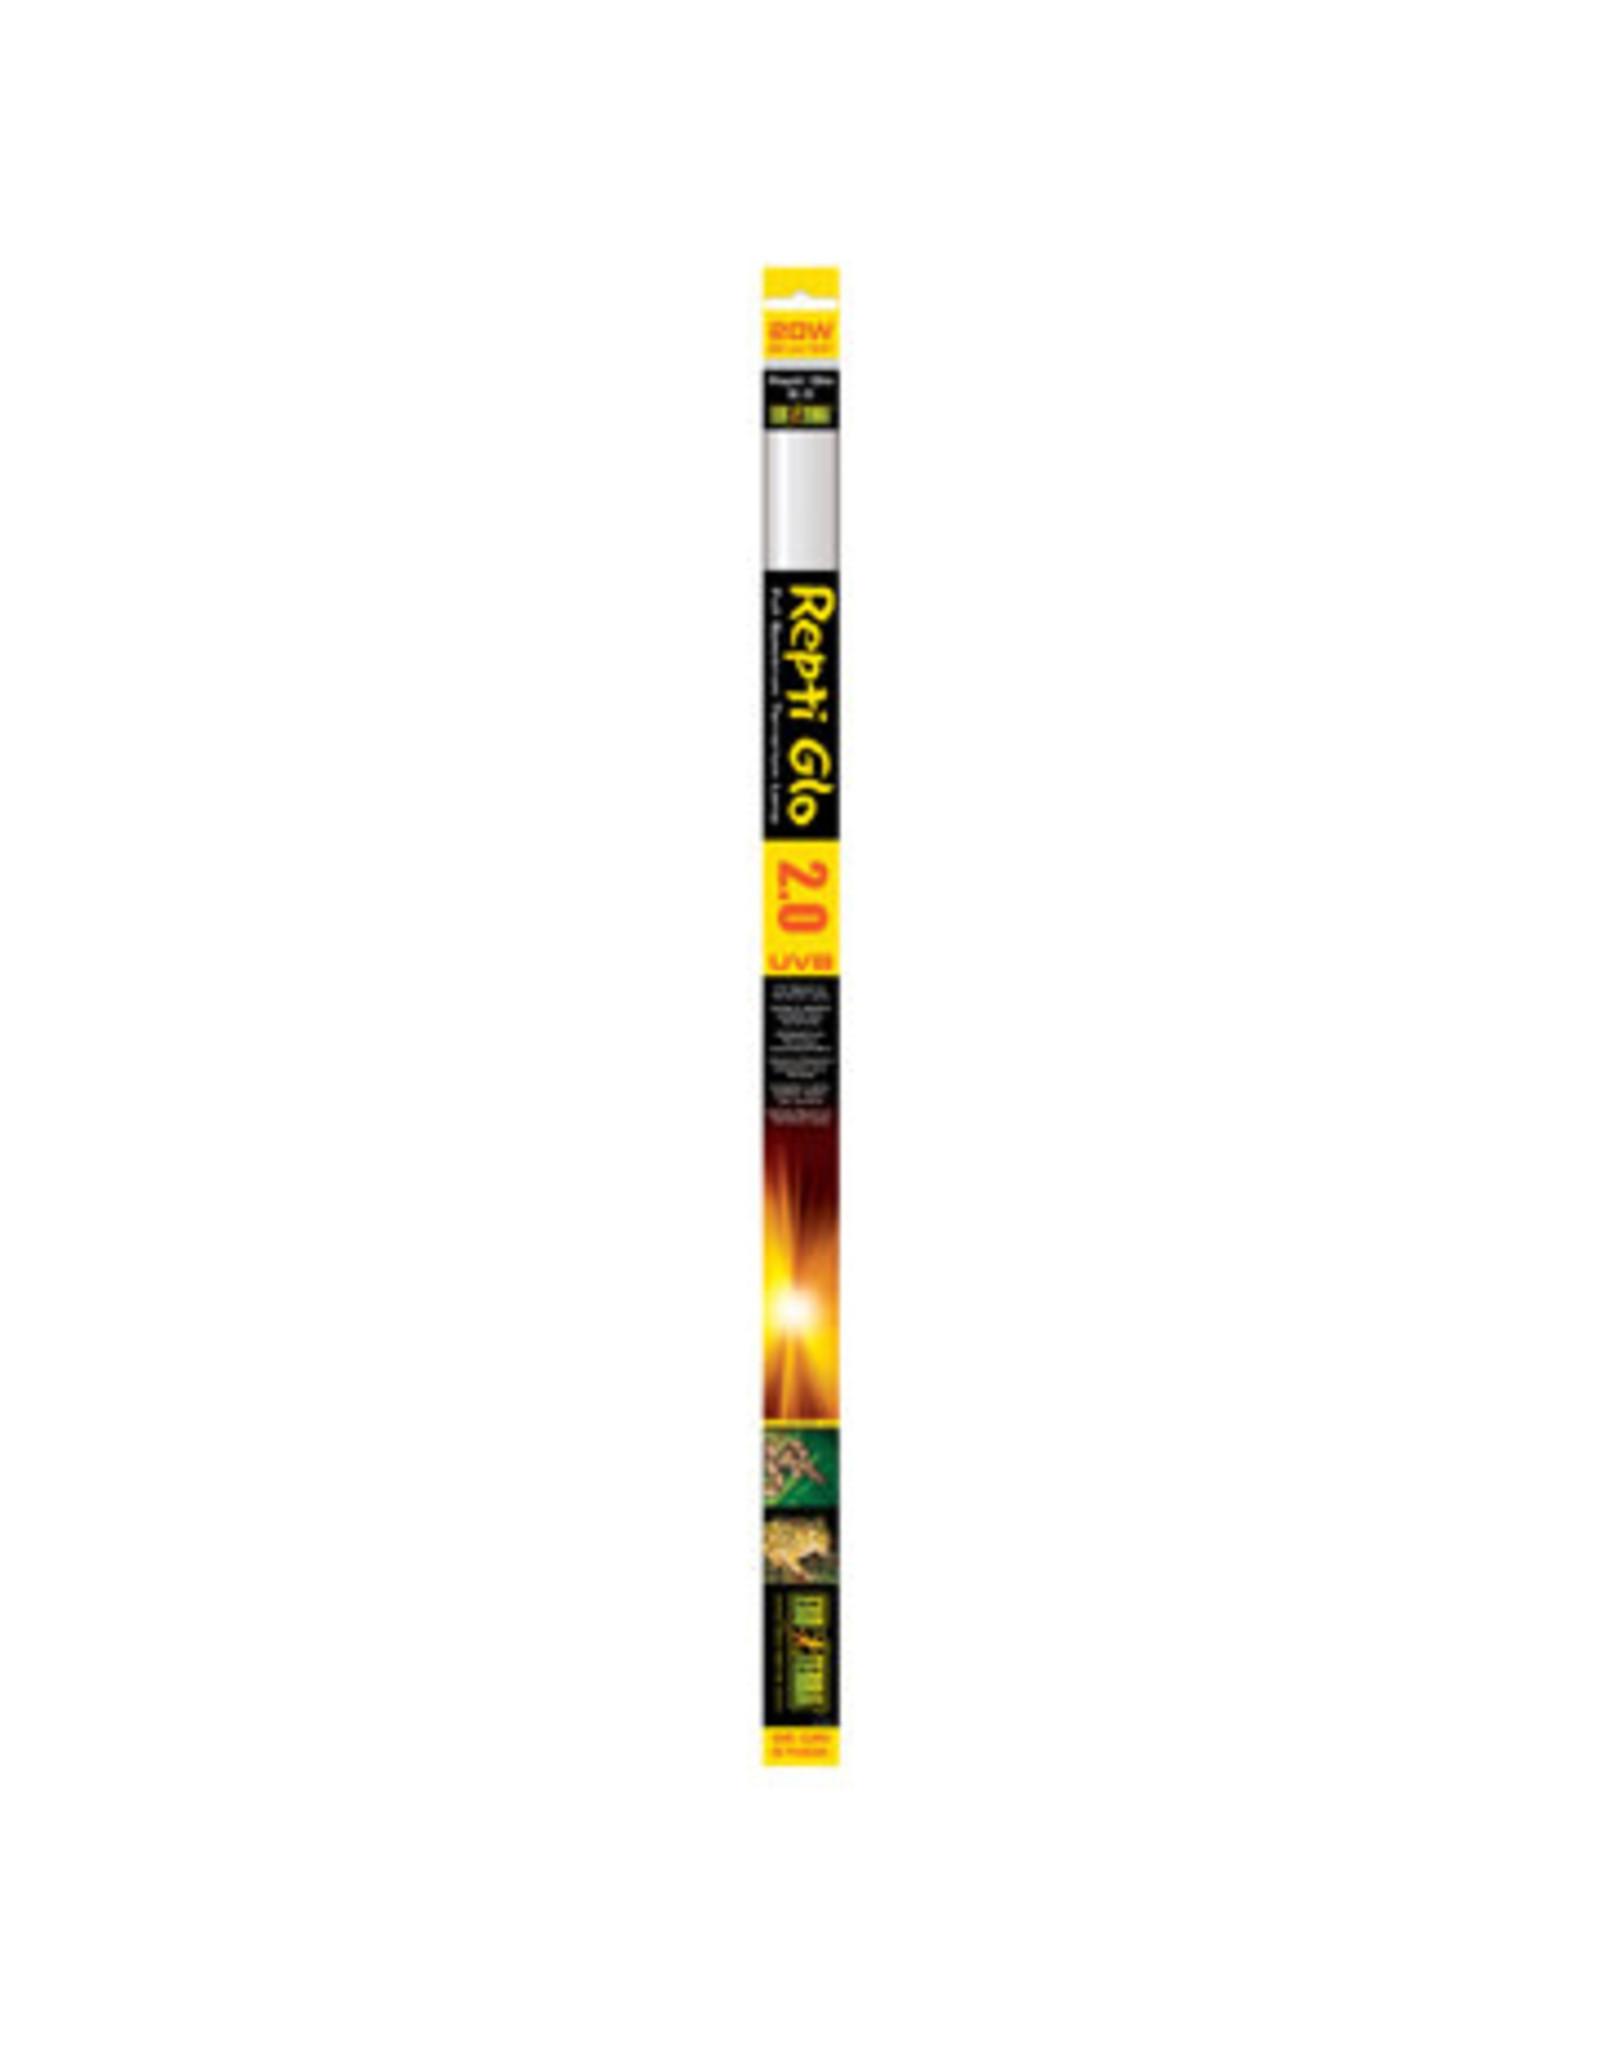 """Exo Terra Repti Glo 2.0 - Full Spectrum Terrarium Lamp - T8 / 24"""" - 60 cm - 20 W"""